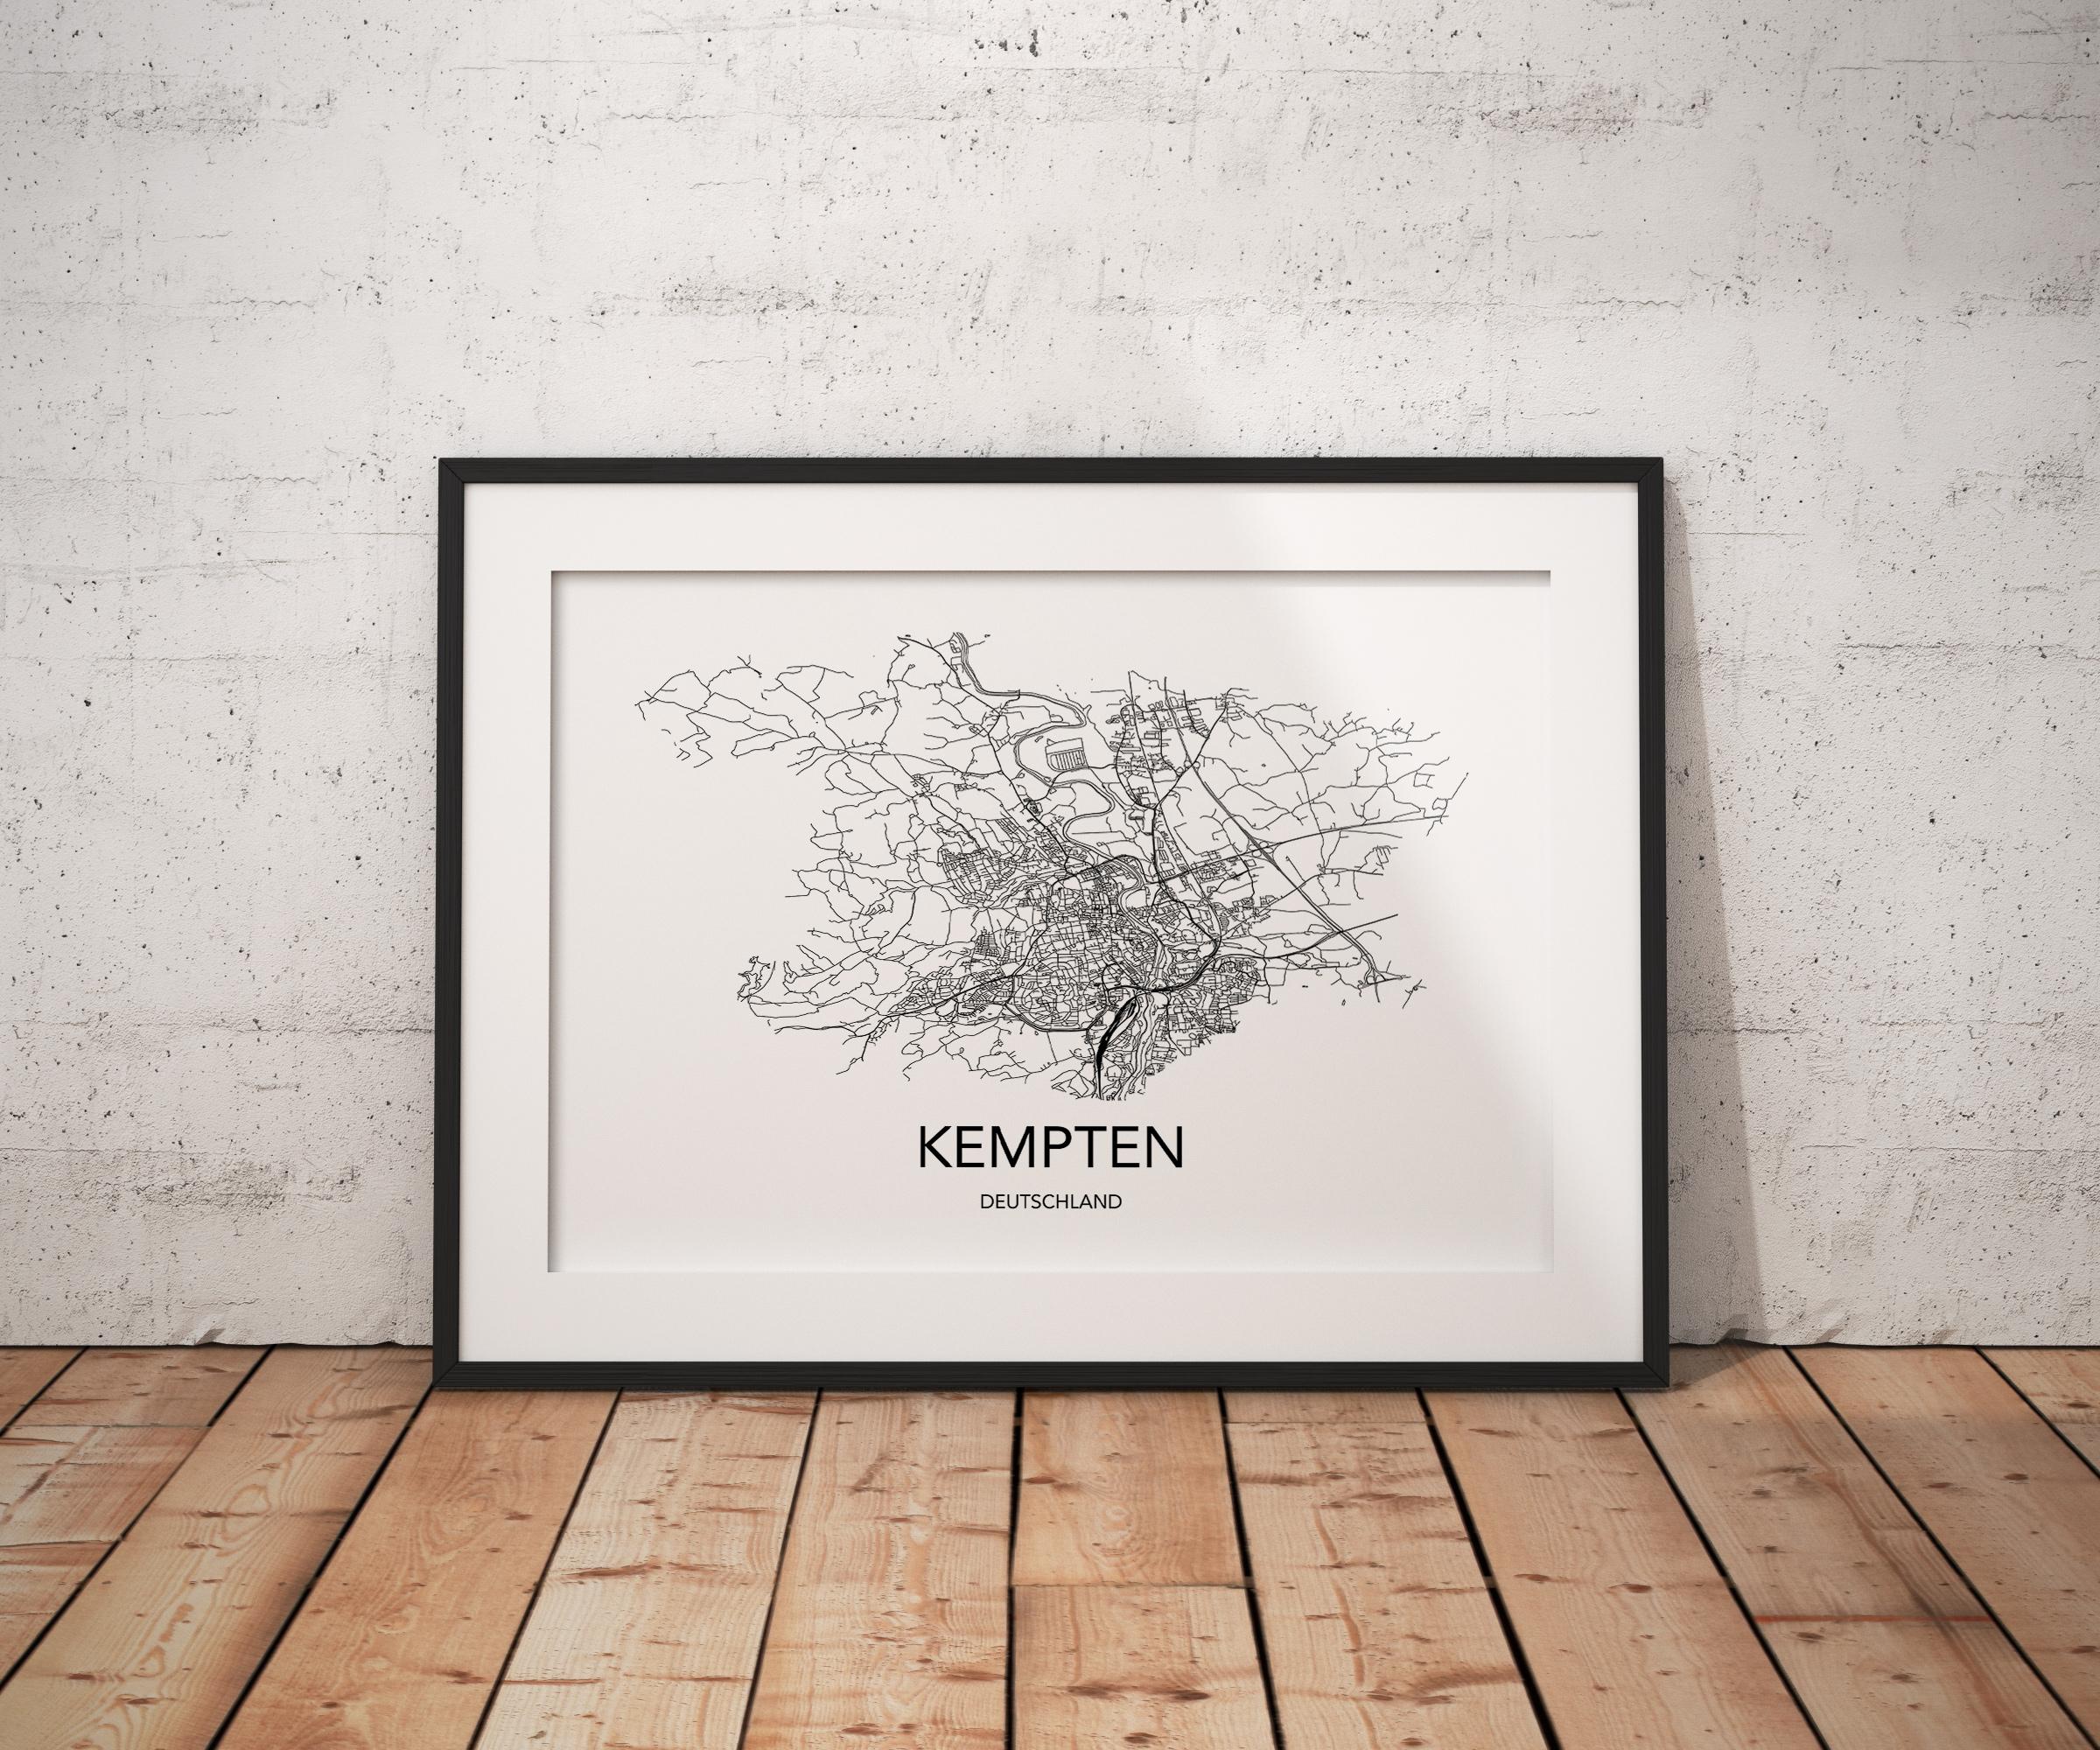 Städteposter in schwarz-weiß der Stadt